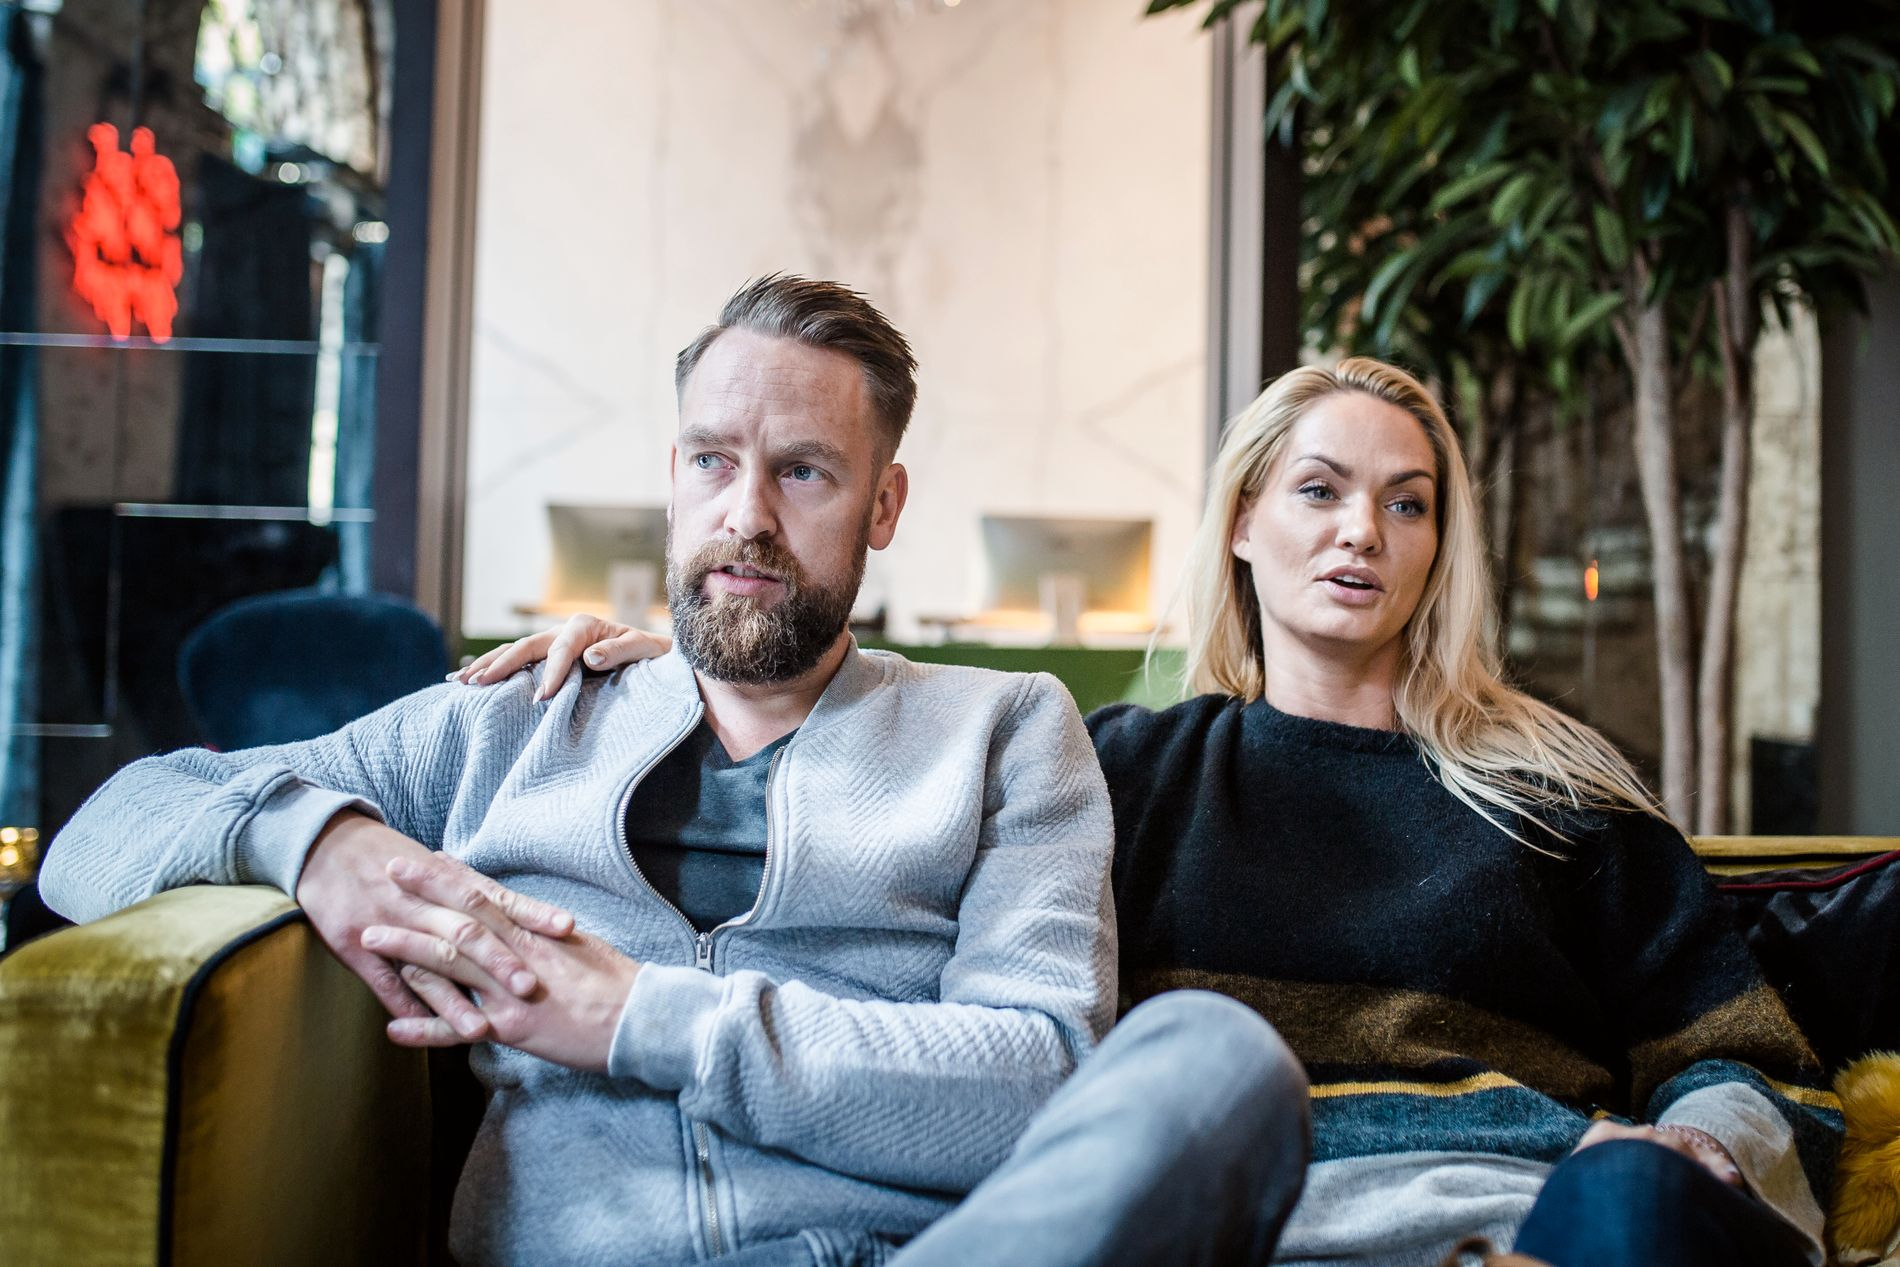 SA UNNSKYLD: Ørjan Burøe ba om unnskyldning for oppførselen sin i sin egen podkast mandag. Men Sigrid Bonde Tusvik og Lisa Tønne gir seg ikke. Her er han avbildet sammen med kona Marna Haugen.